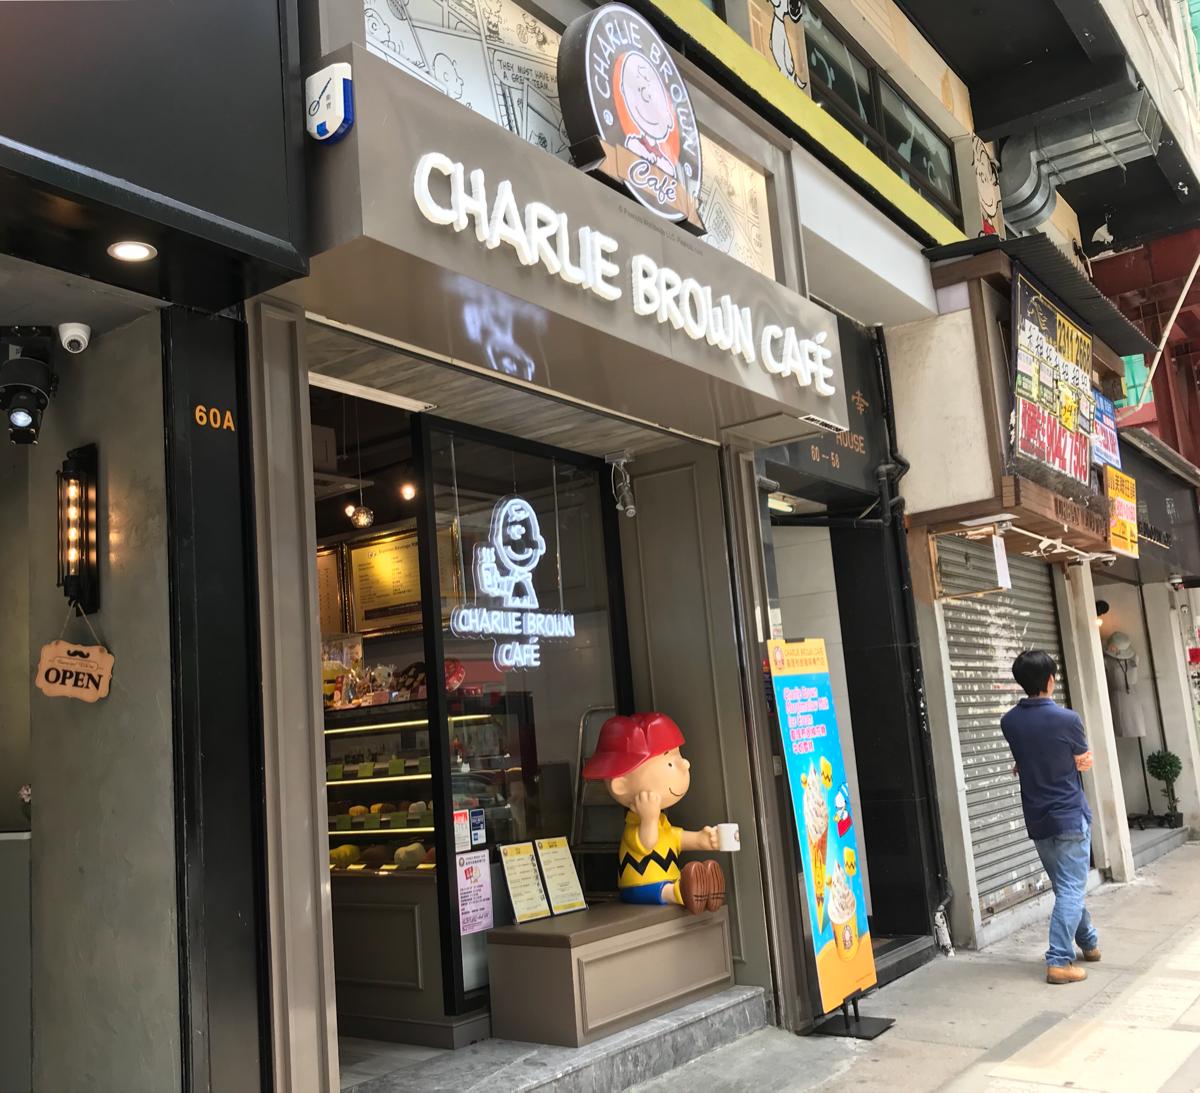 【閉店】チャーリーブラウンカフェ@香港尖沙咀は平日のランチメニューがお得